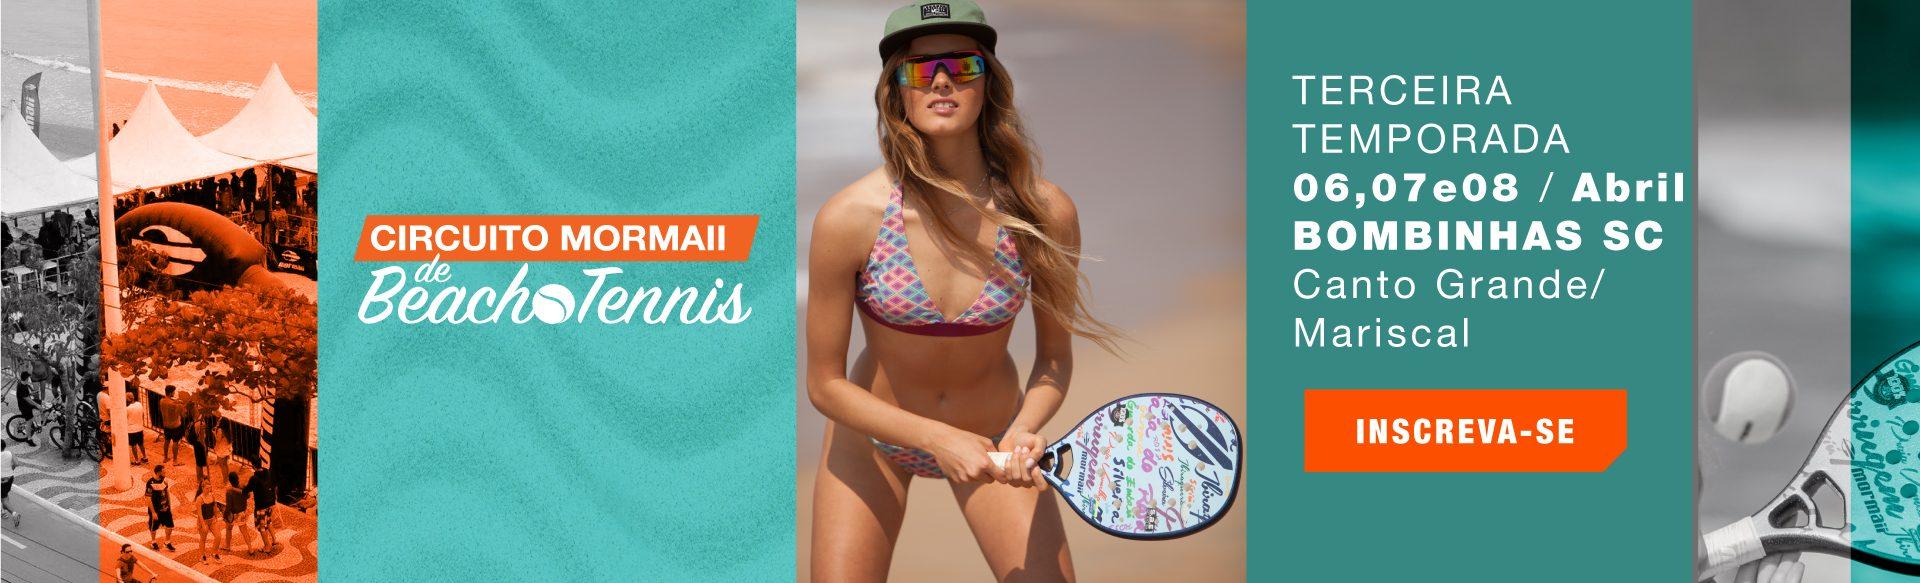 Inscreva-se Beach Tennis